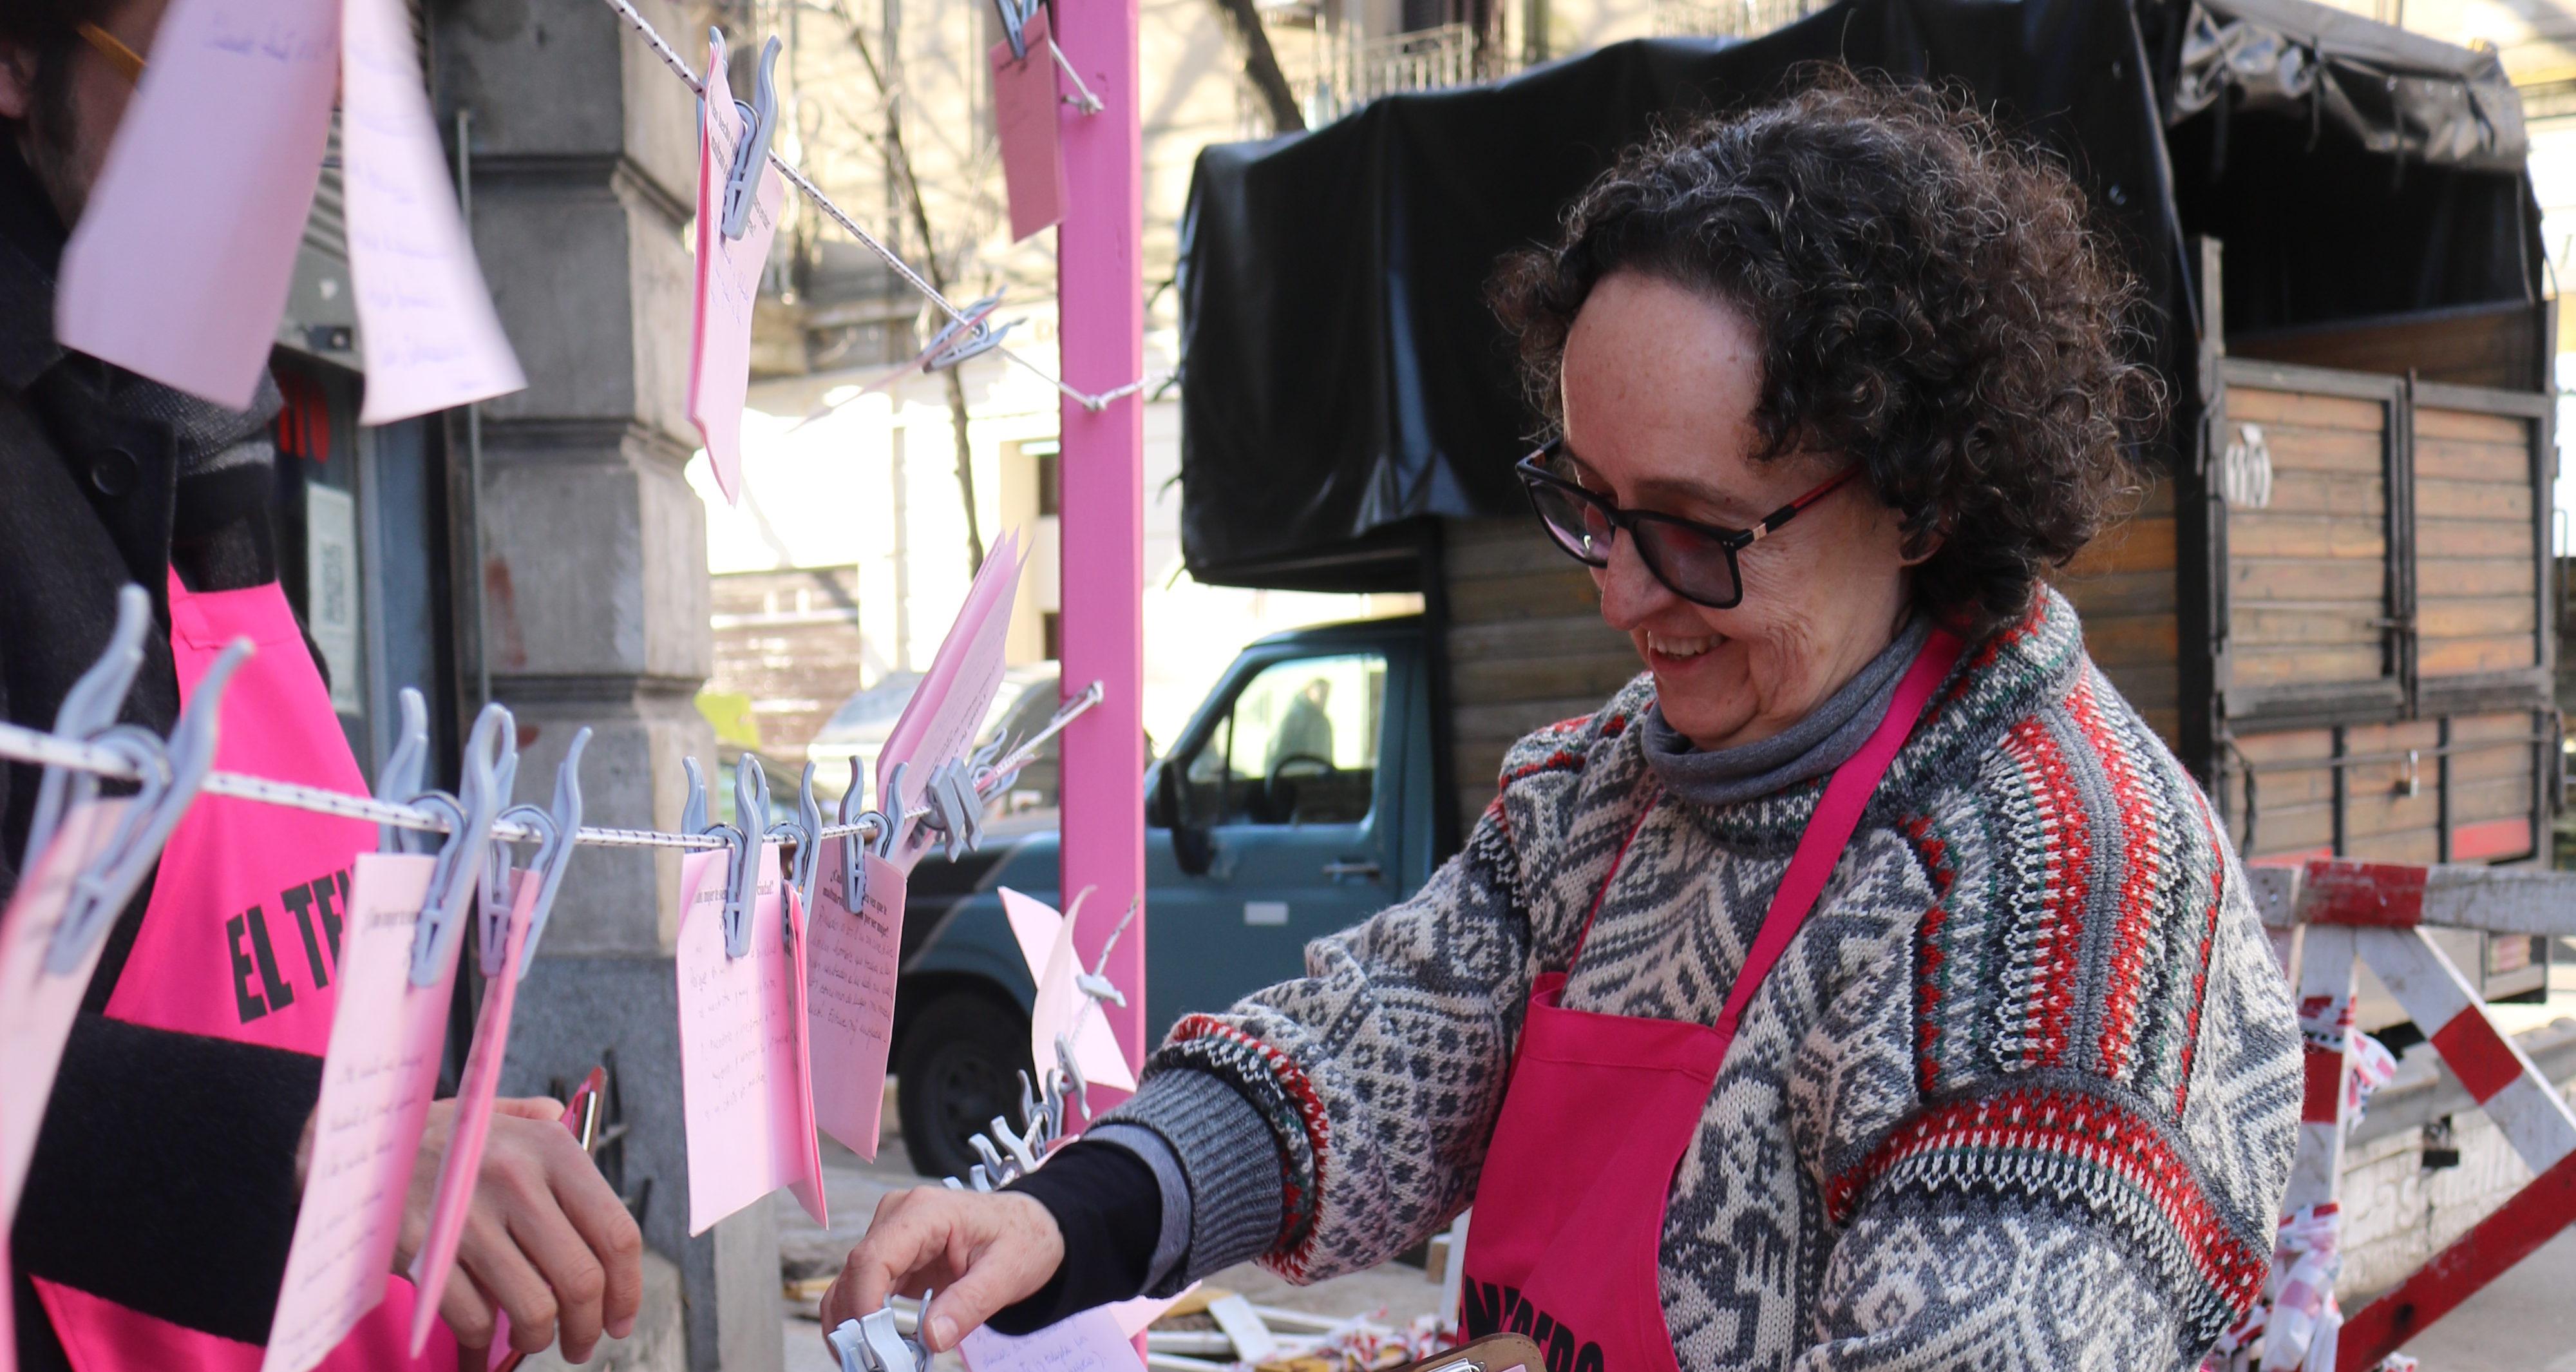 Artista Mexicana Leva Exposição Feminista à Argentina, Onde 93% Das Mulheres Já Foram Assediadas